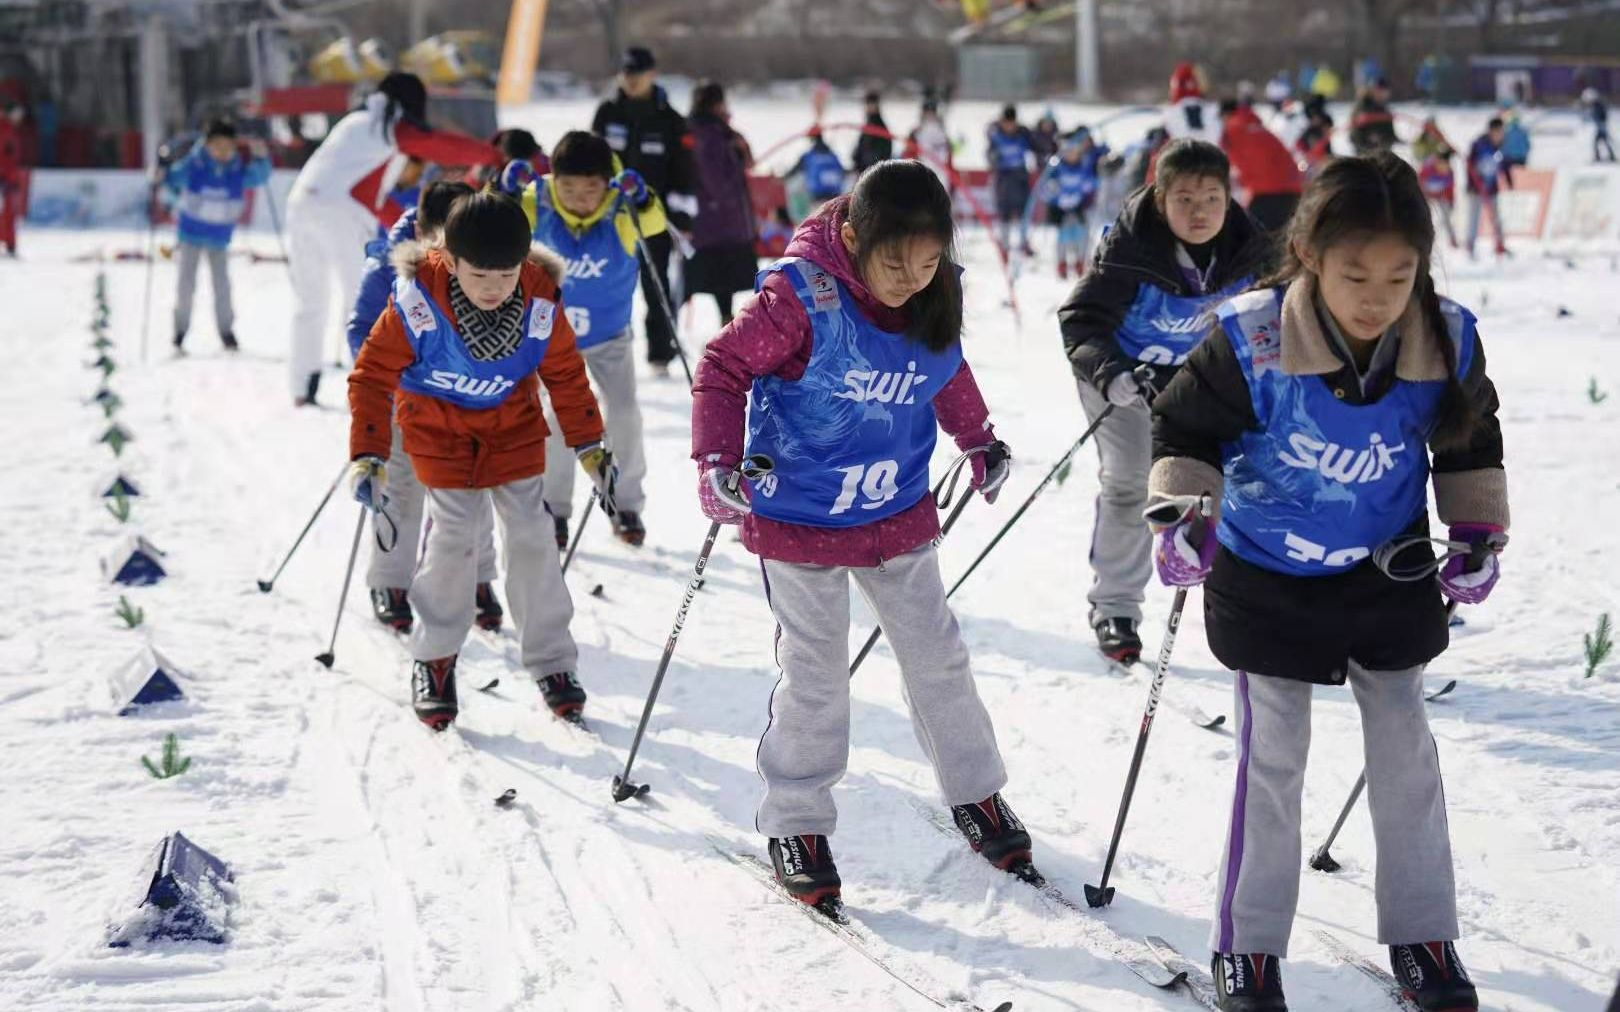 有滑轮基础可直接上雪,近两百名孩子首次体验越野滑雪图片